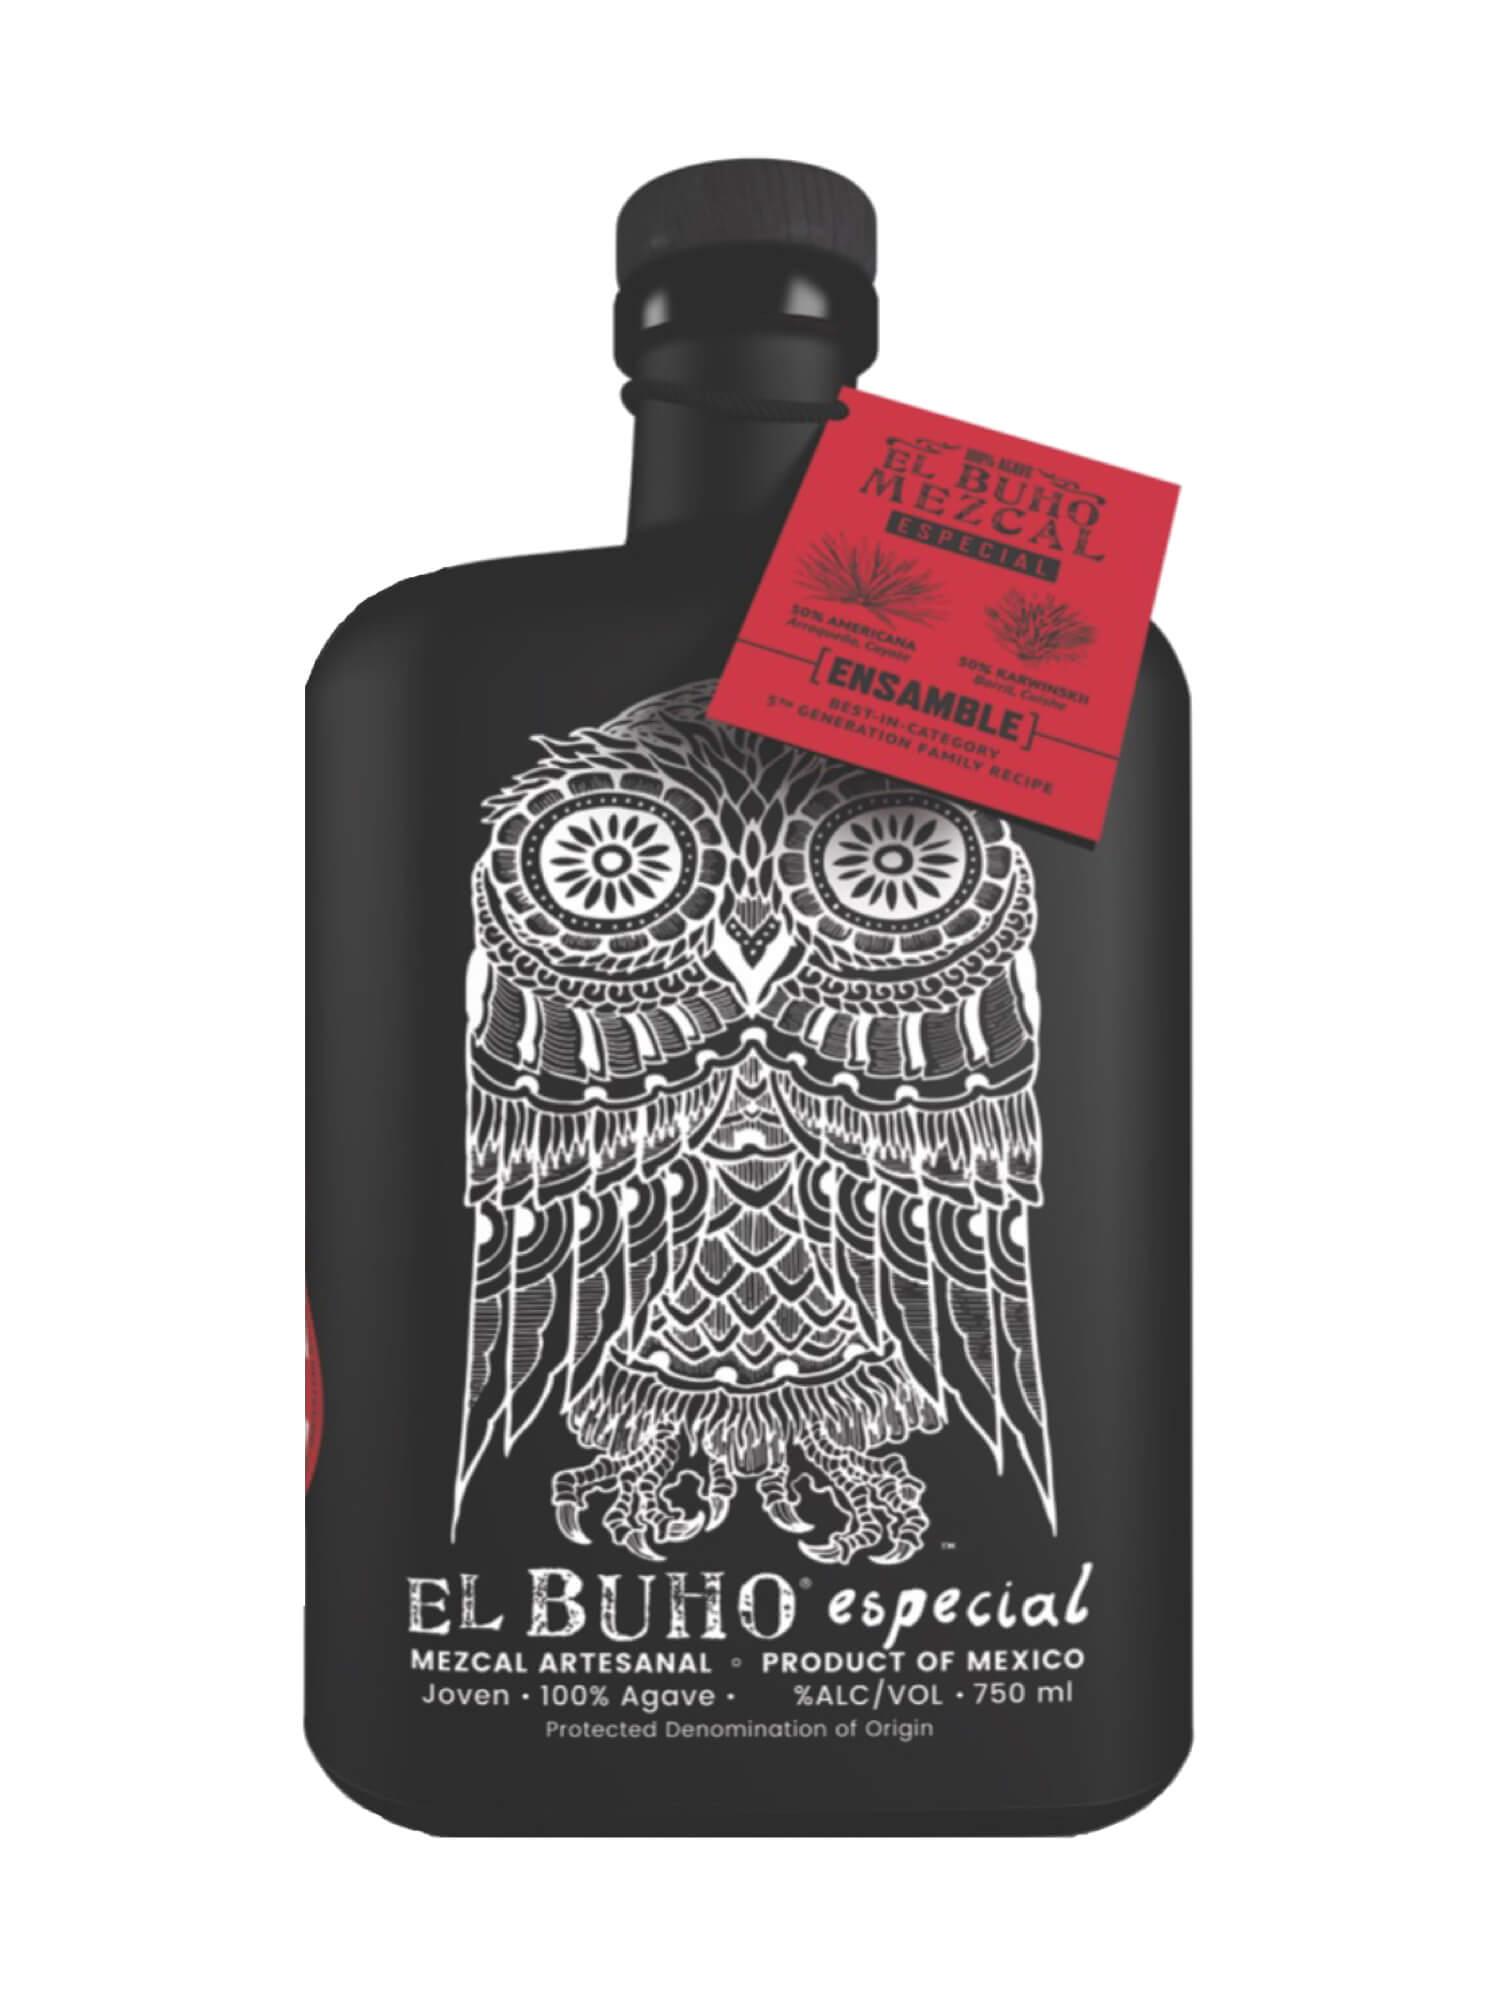 El Buho Especial Ensamble Mezcal bottle